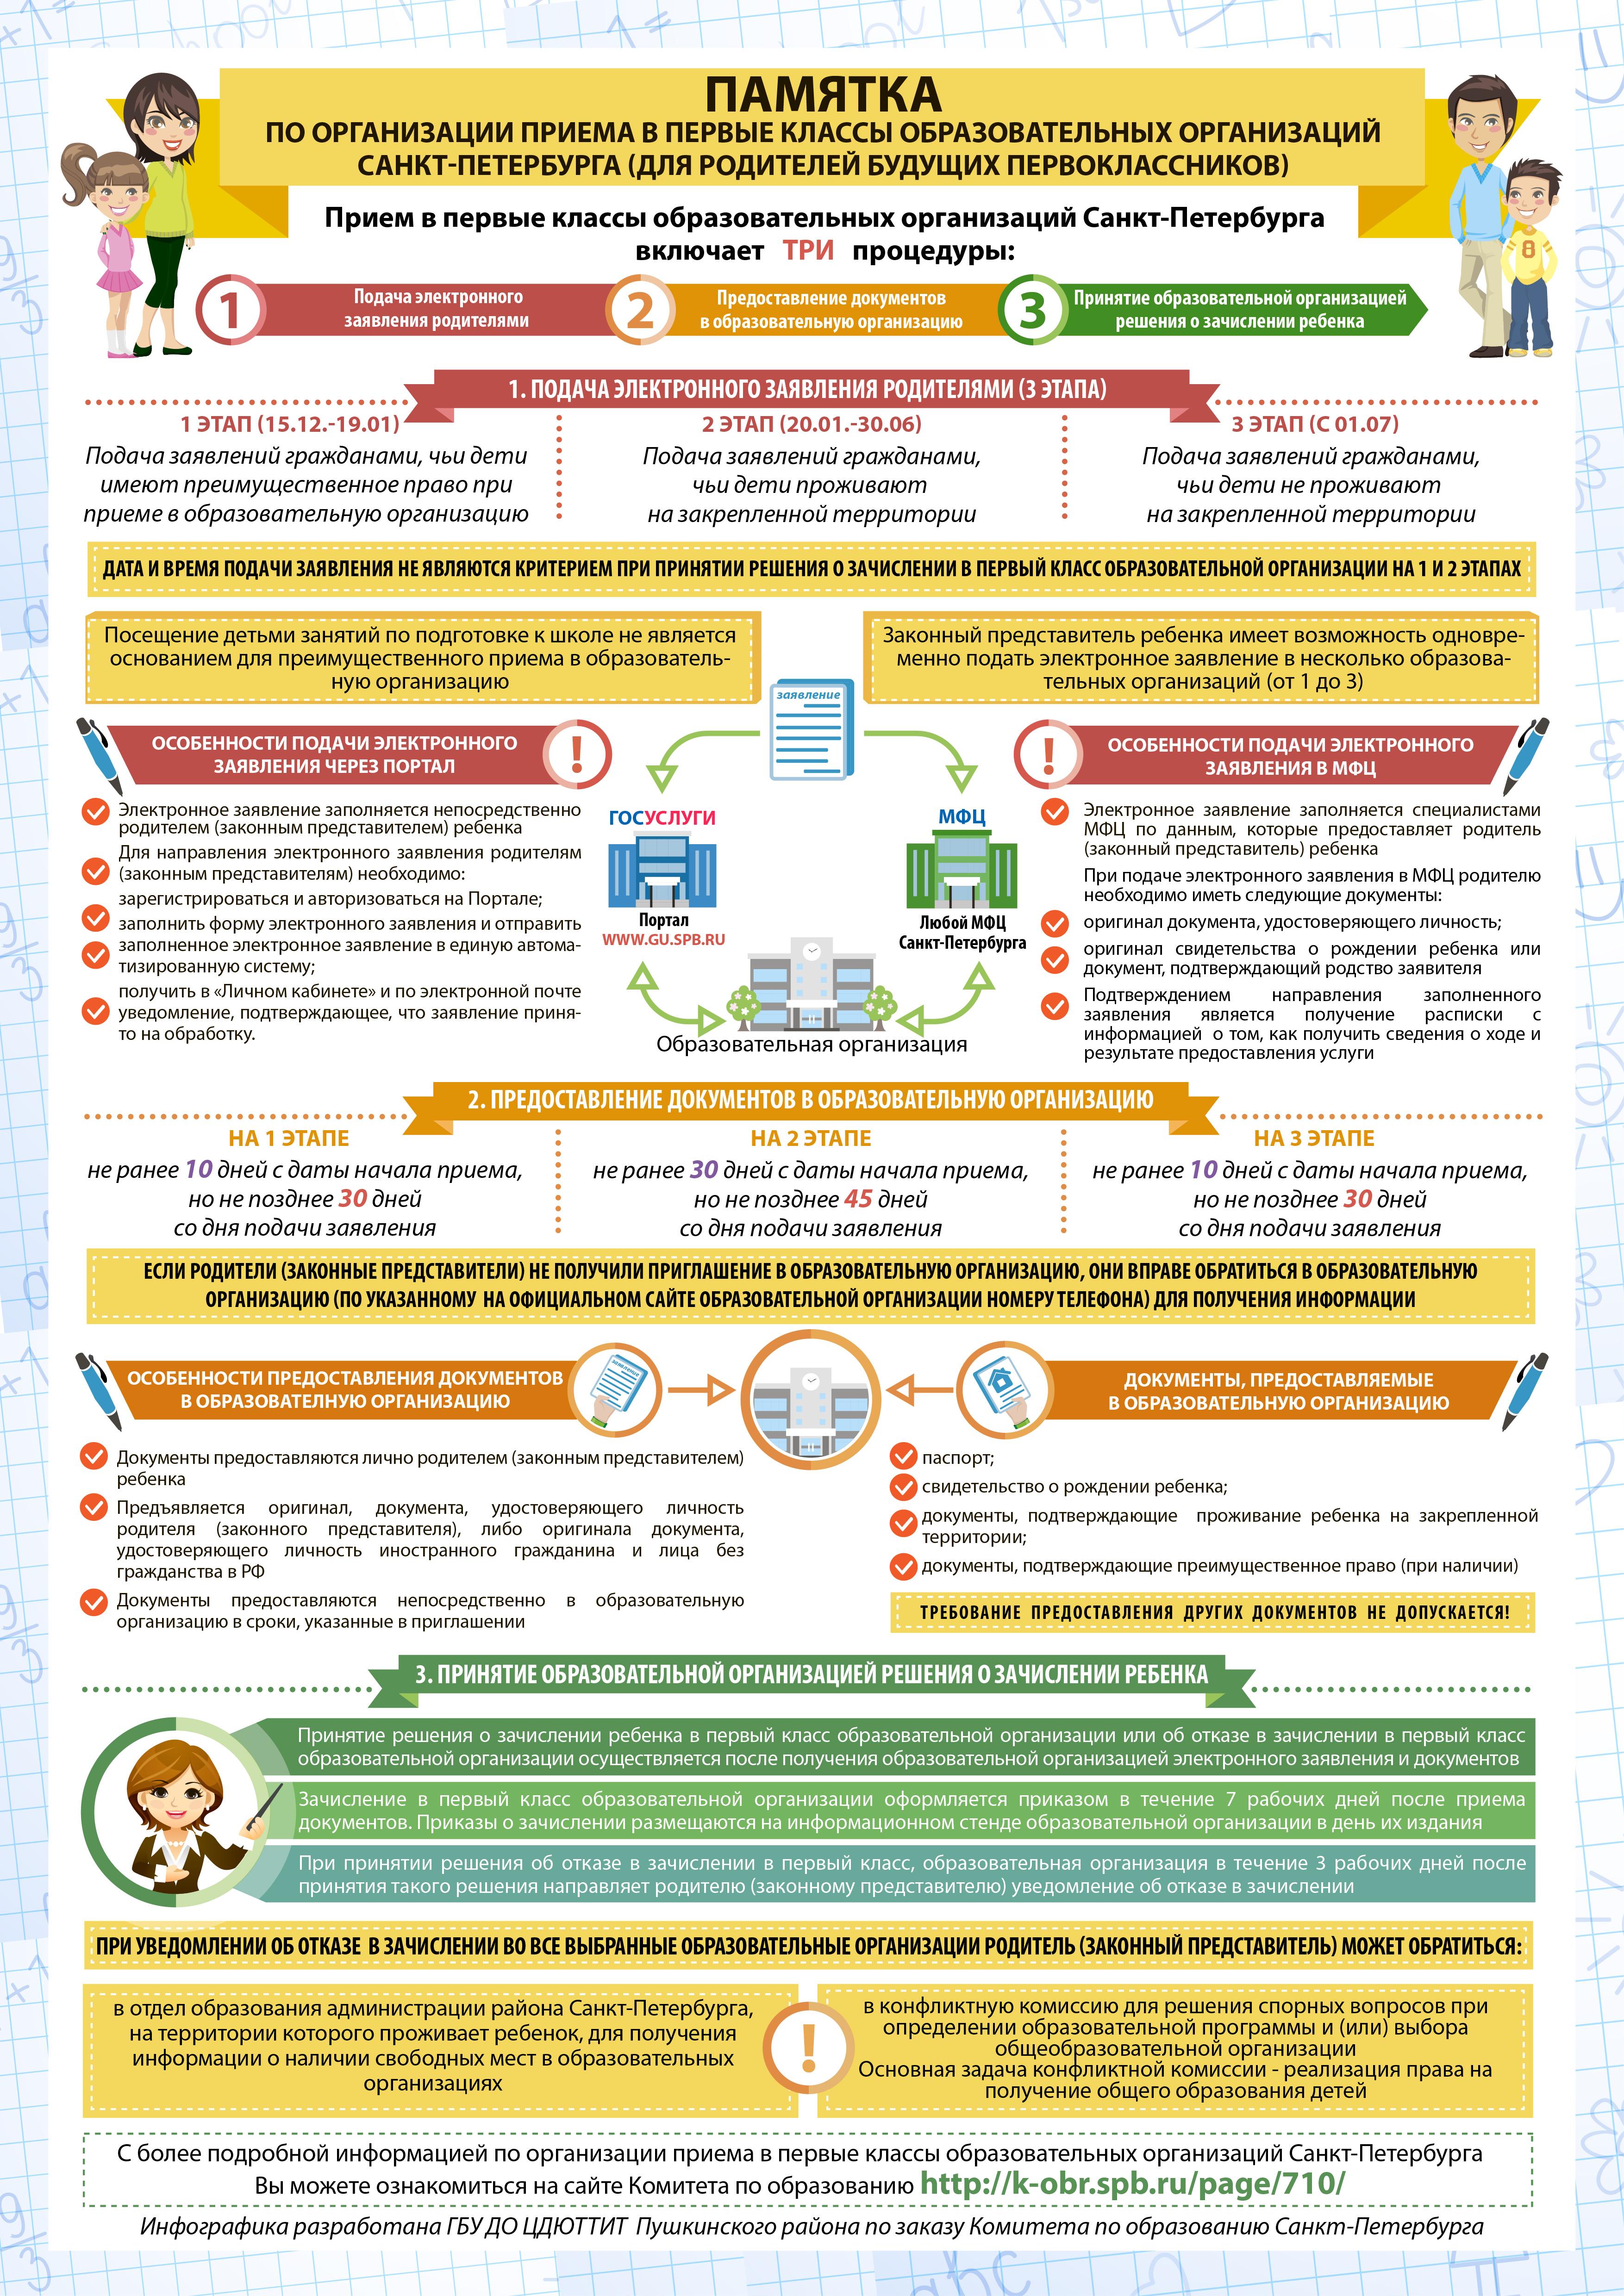 infografika-pamyatka-roditelyam-02